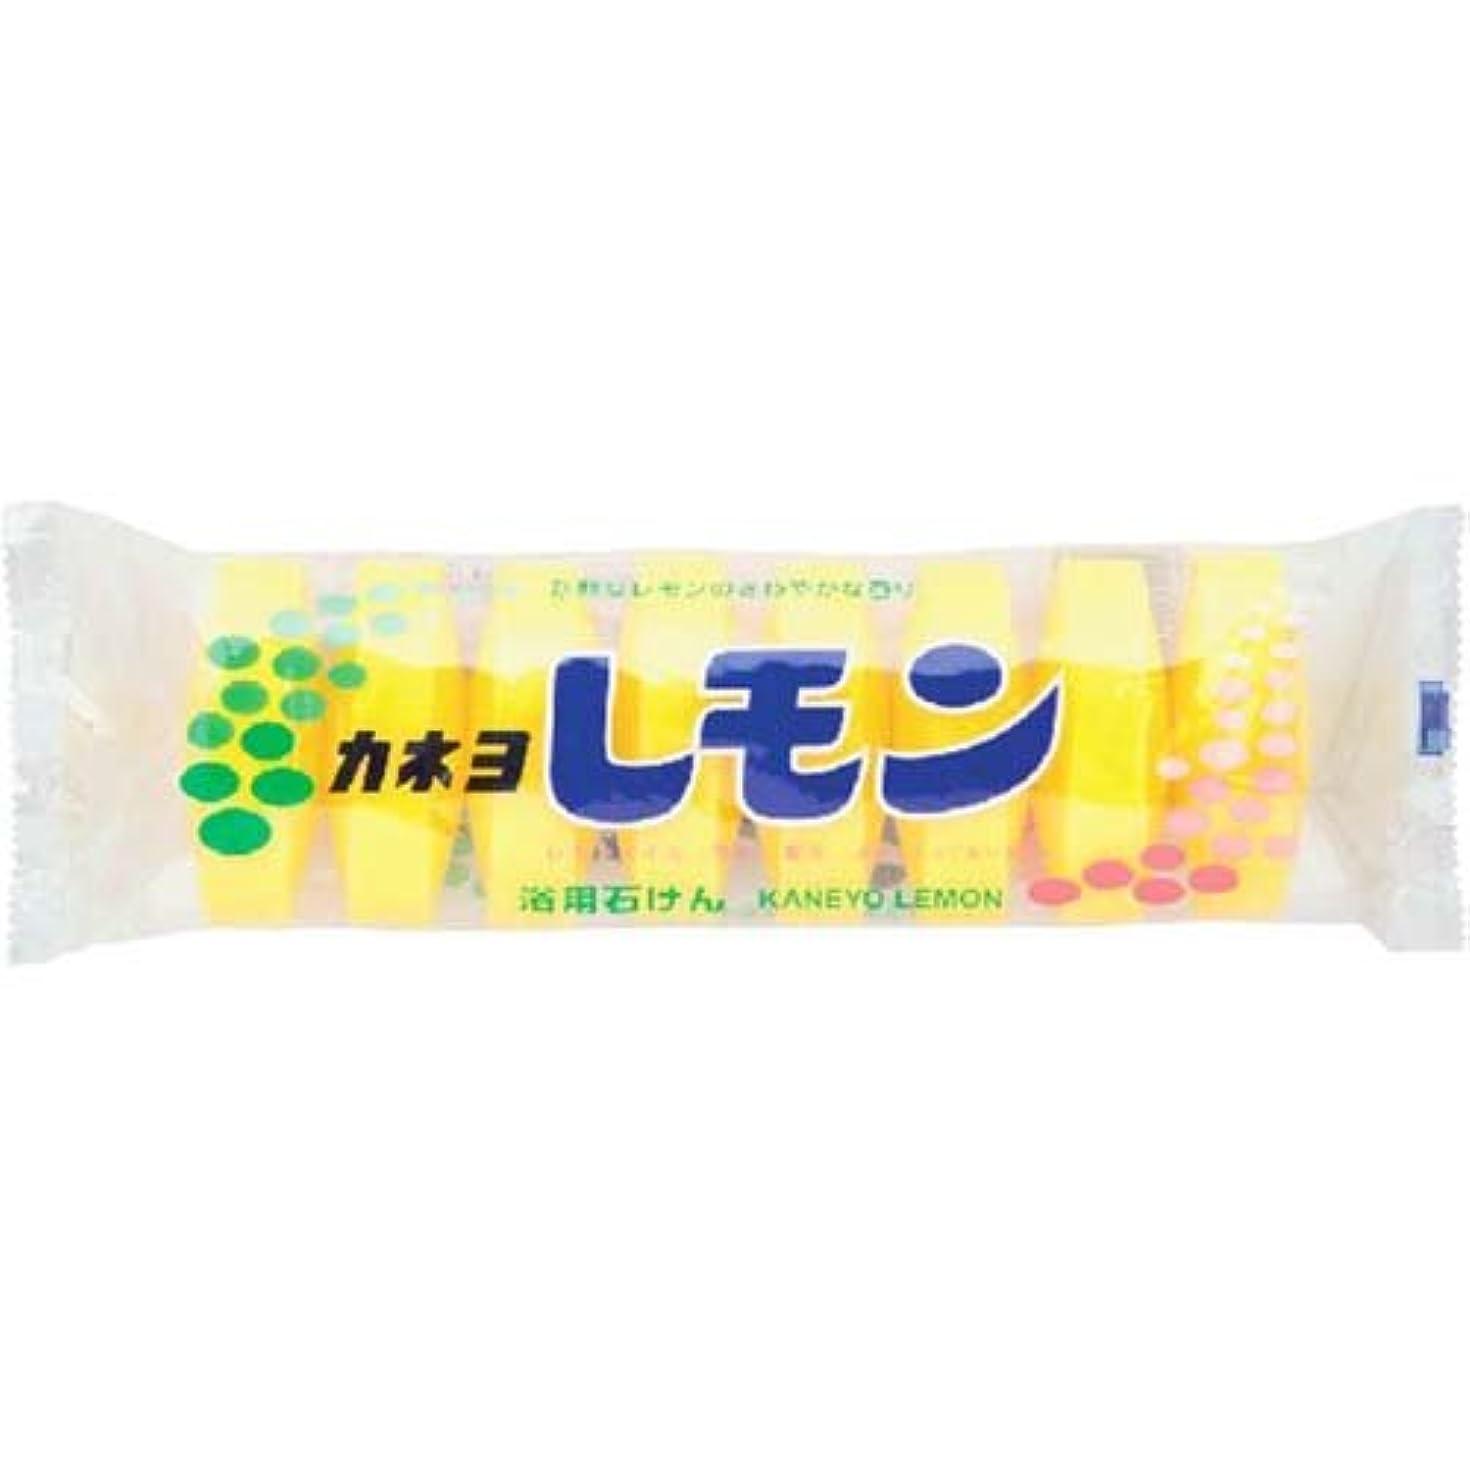 オレンジペルメル用量カネヨ レモン石鹸 8個